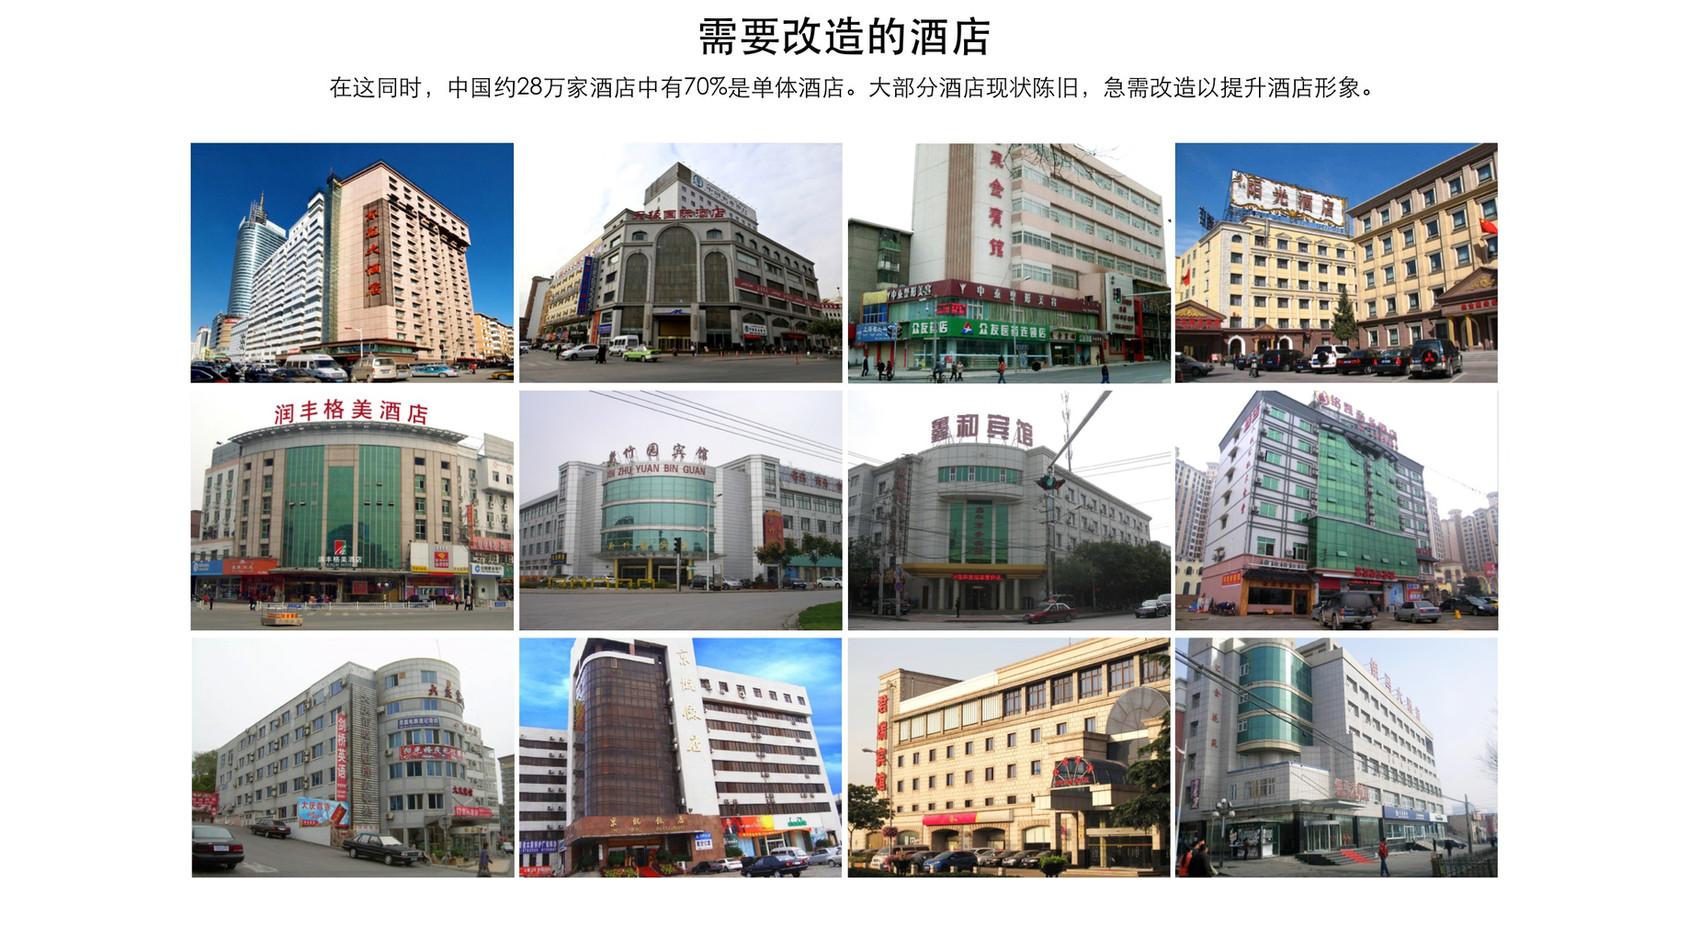 GREEN-AIR-HOTEL_ZH09.jpg